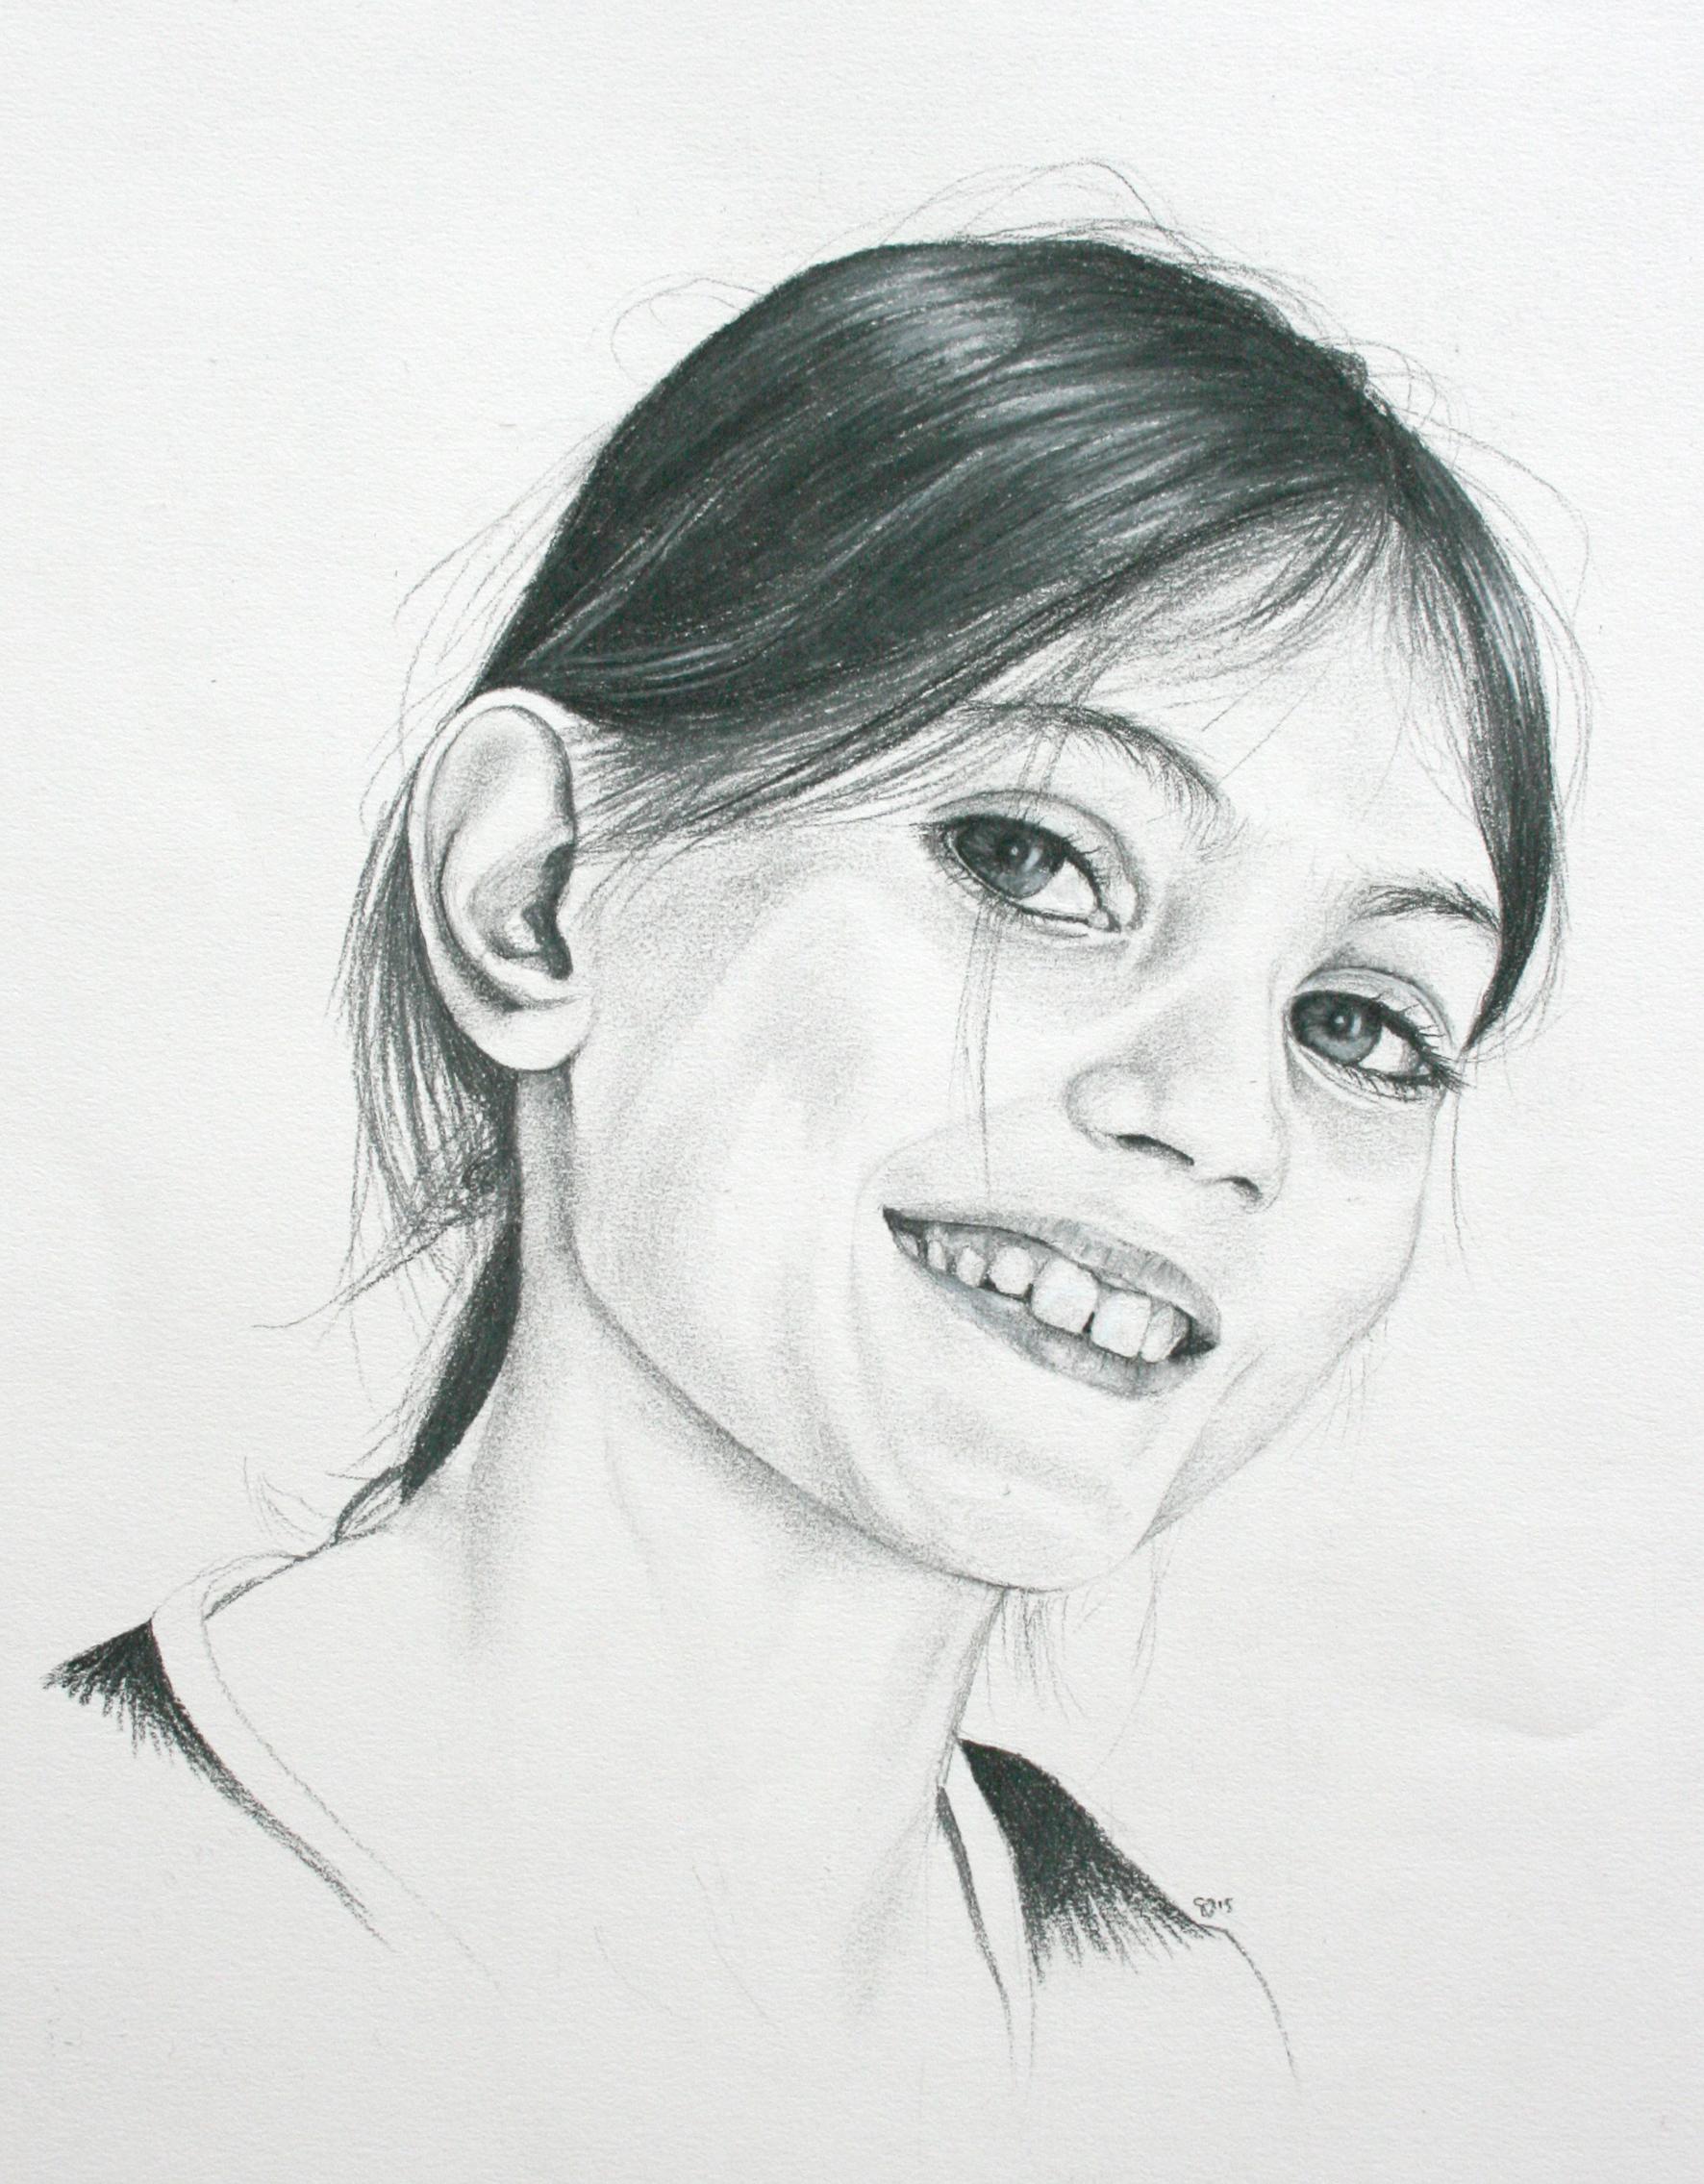 Person Portrait 4